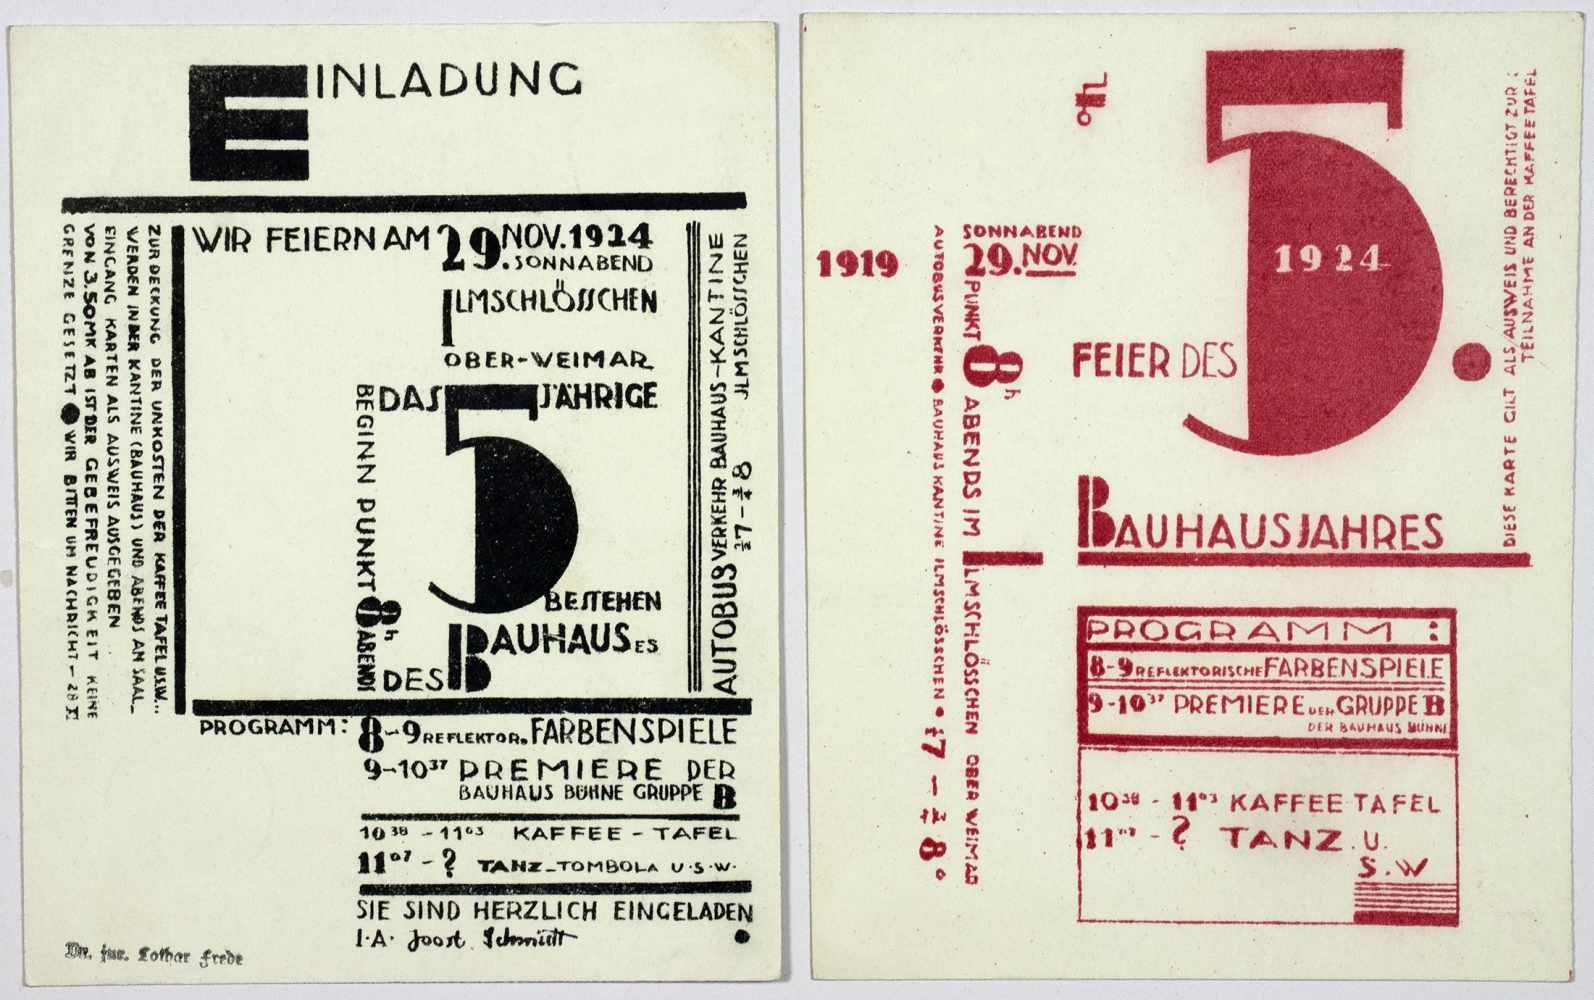 Bauhaus - Joost Schmidt. Wir feiern am 29. Nov. 1924 das 5jährige Bestehen des Bauhauses.